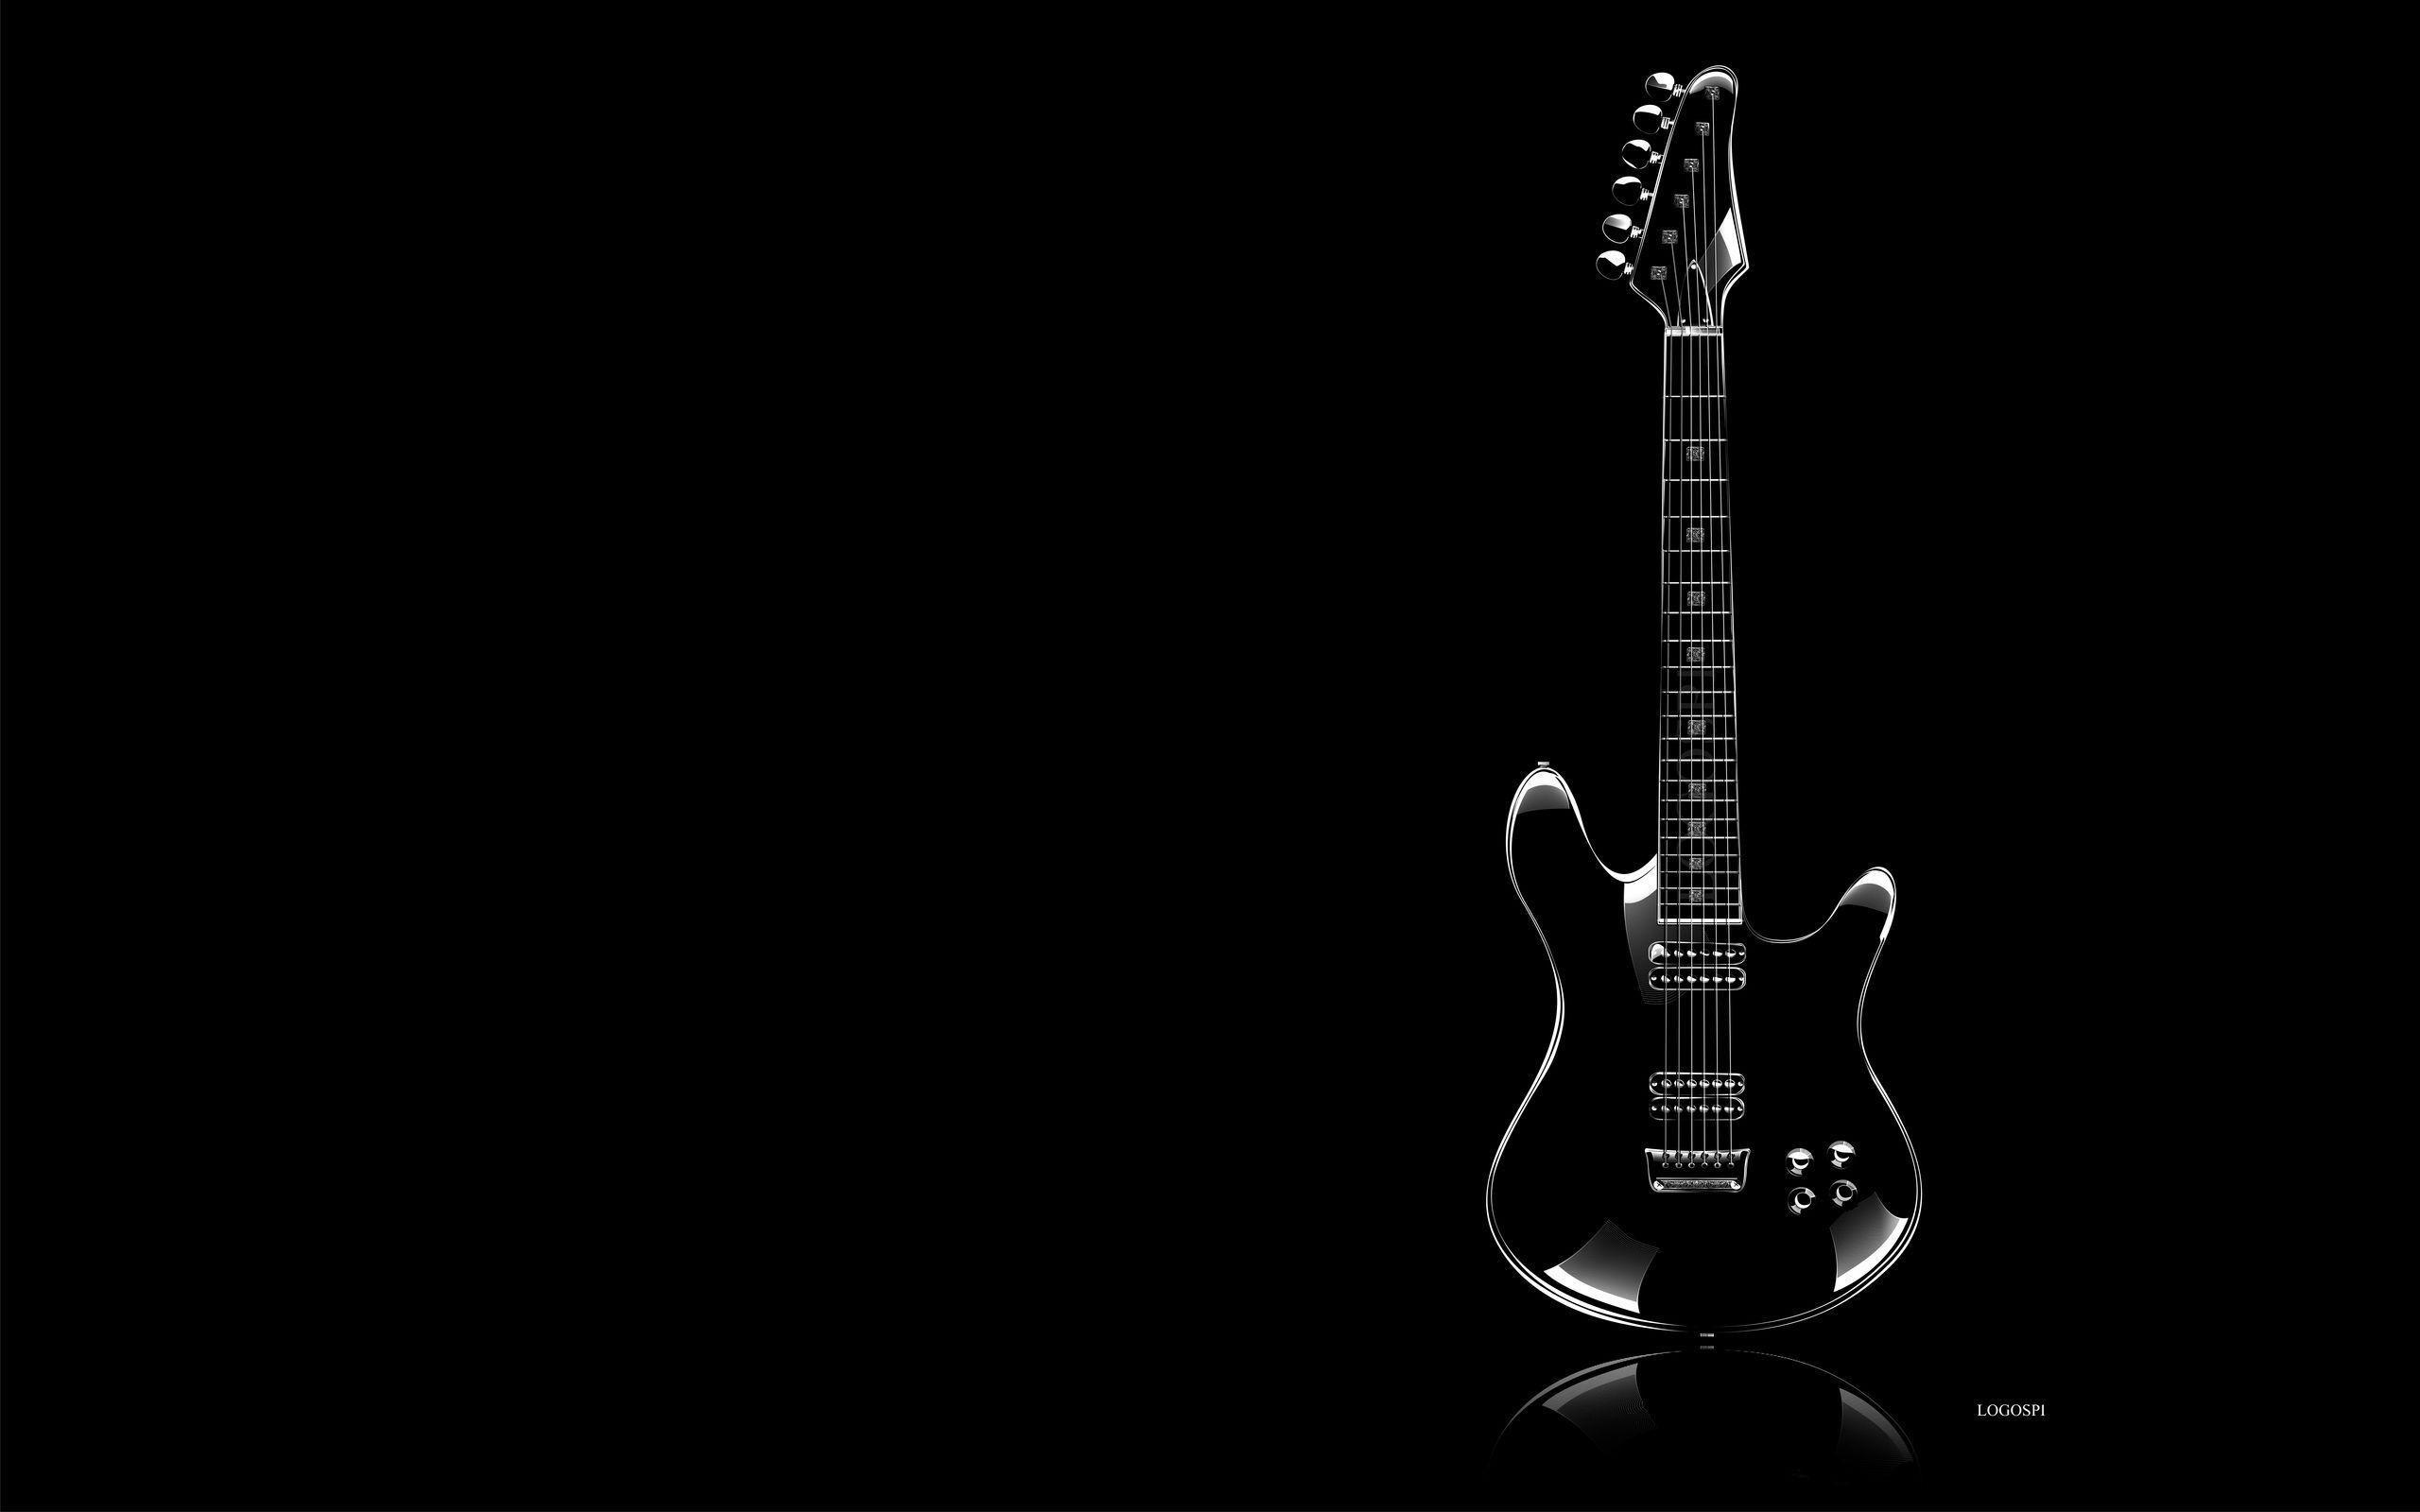 Guitar IPhone Wallpaper (79+ Images